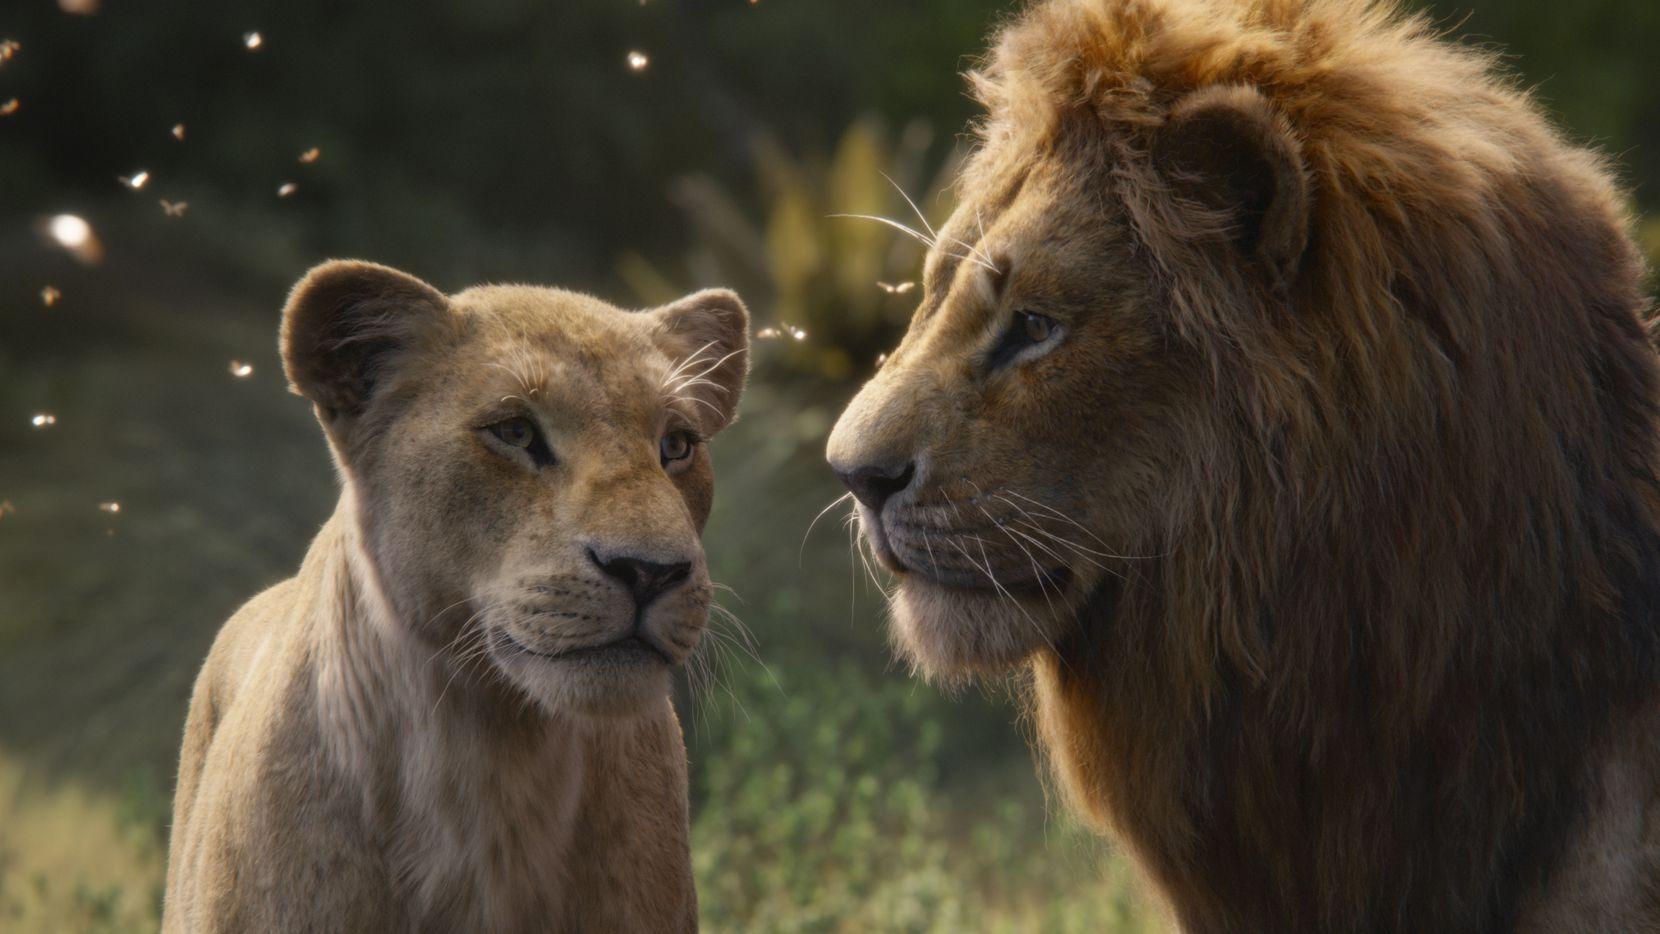 """Nala, con voz de Beyoncé Knowles-Carter, izq, y Simba, con voz de Donald Glover en una escena de  """"The Lion King""""."""